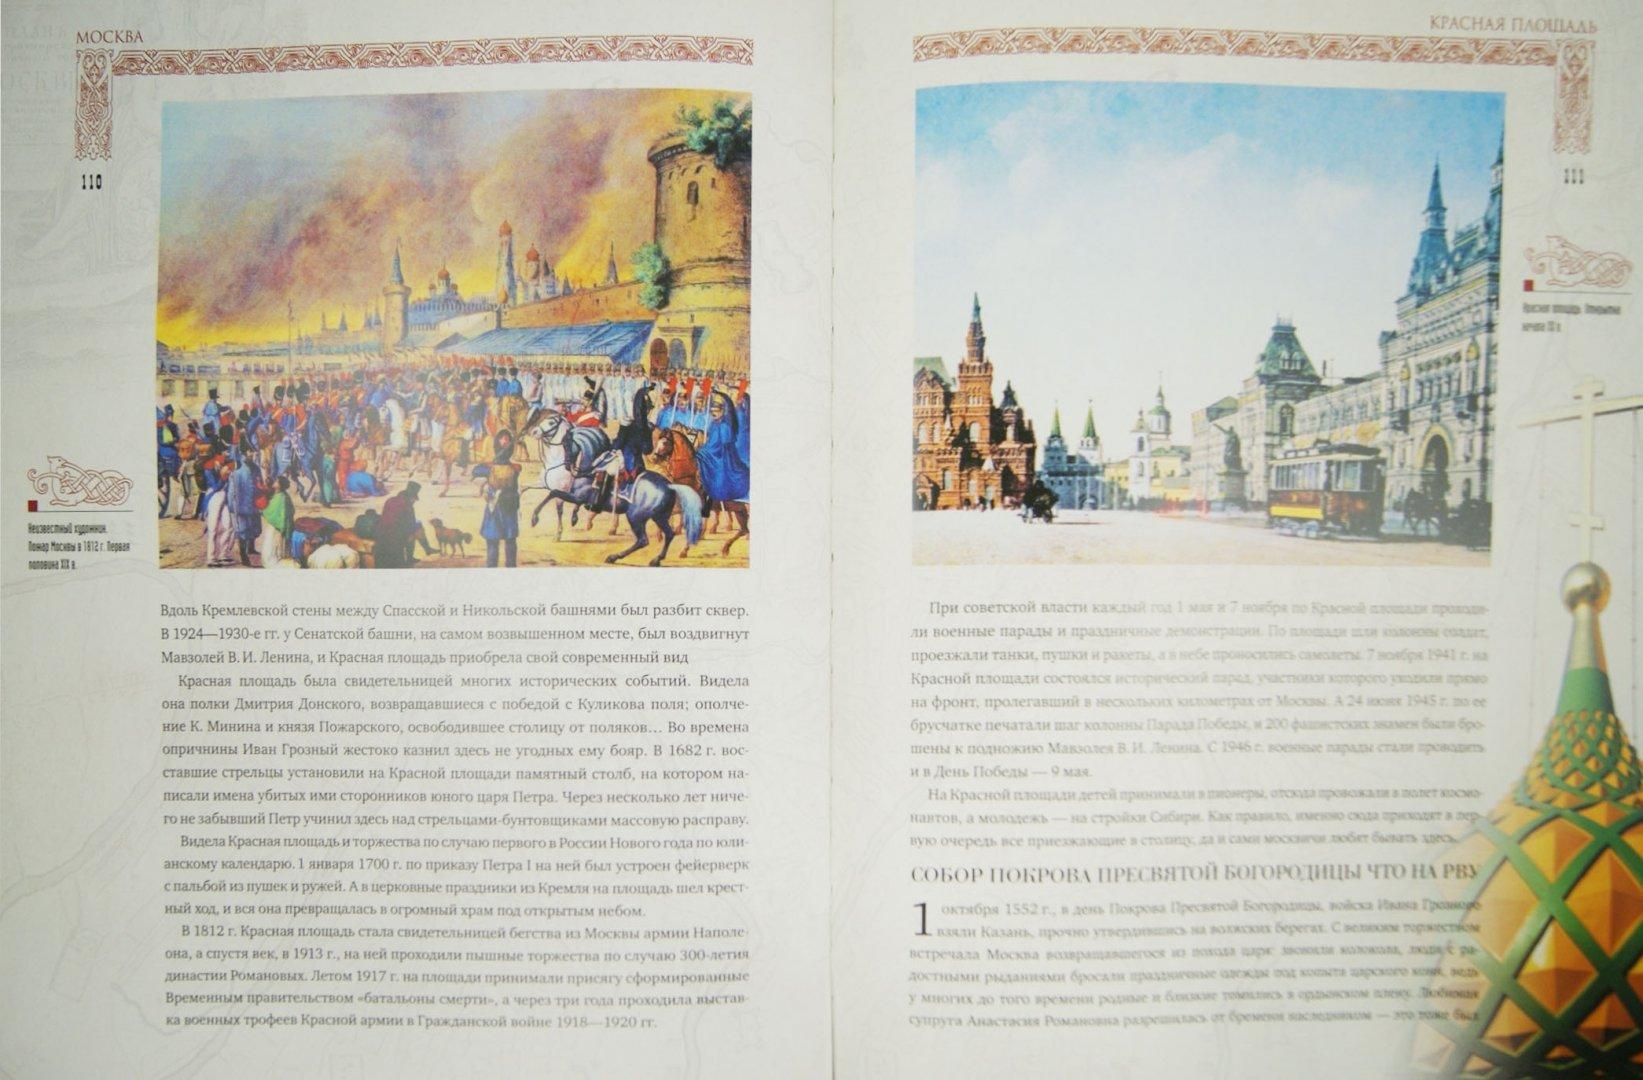 Иллюстрация 1 из 2 для Москва - Надежда Ионина   Лабиринт - книги. Источник: Лабиринт